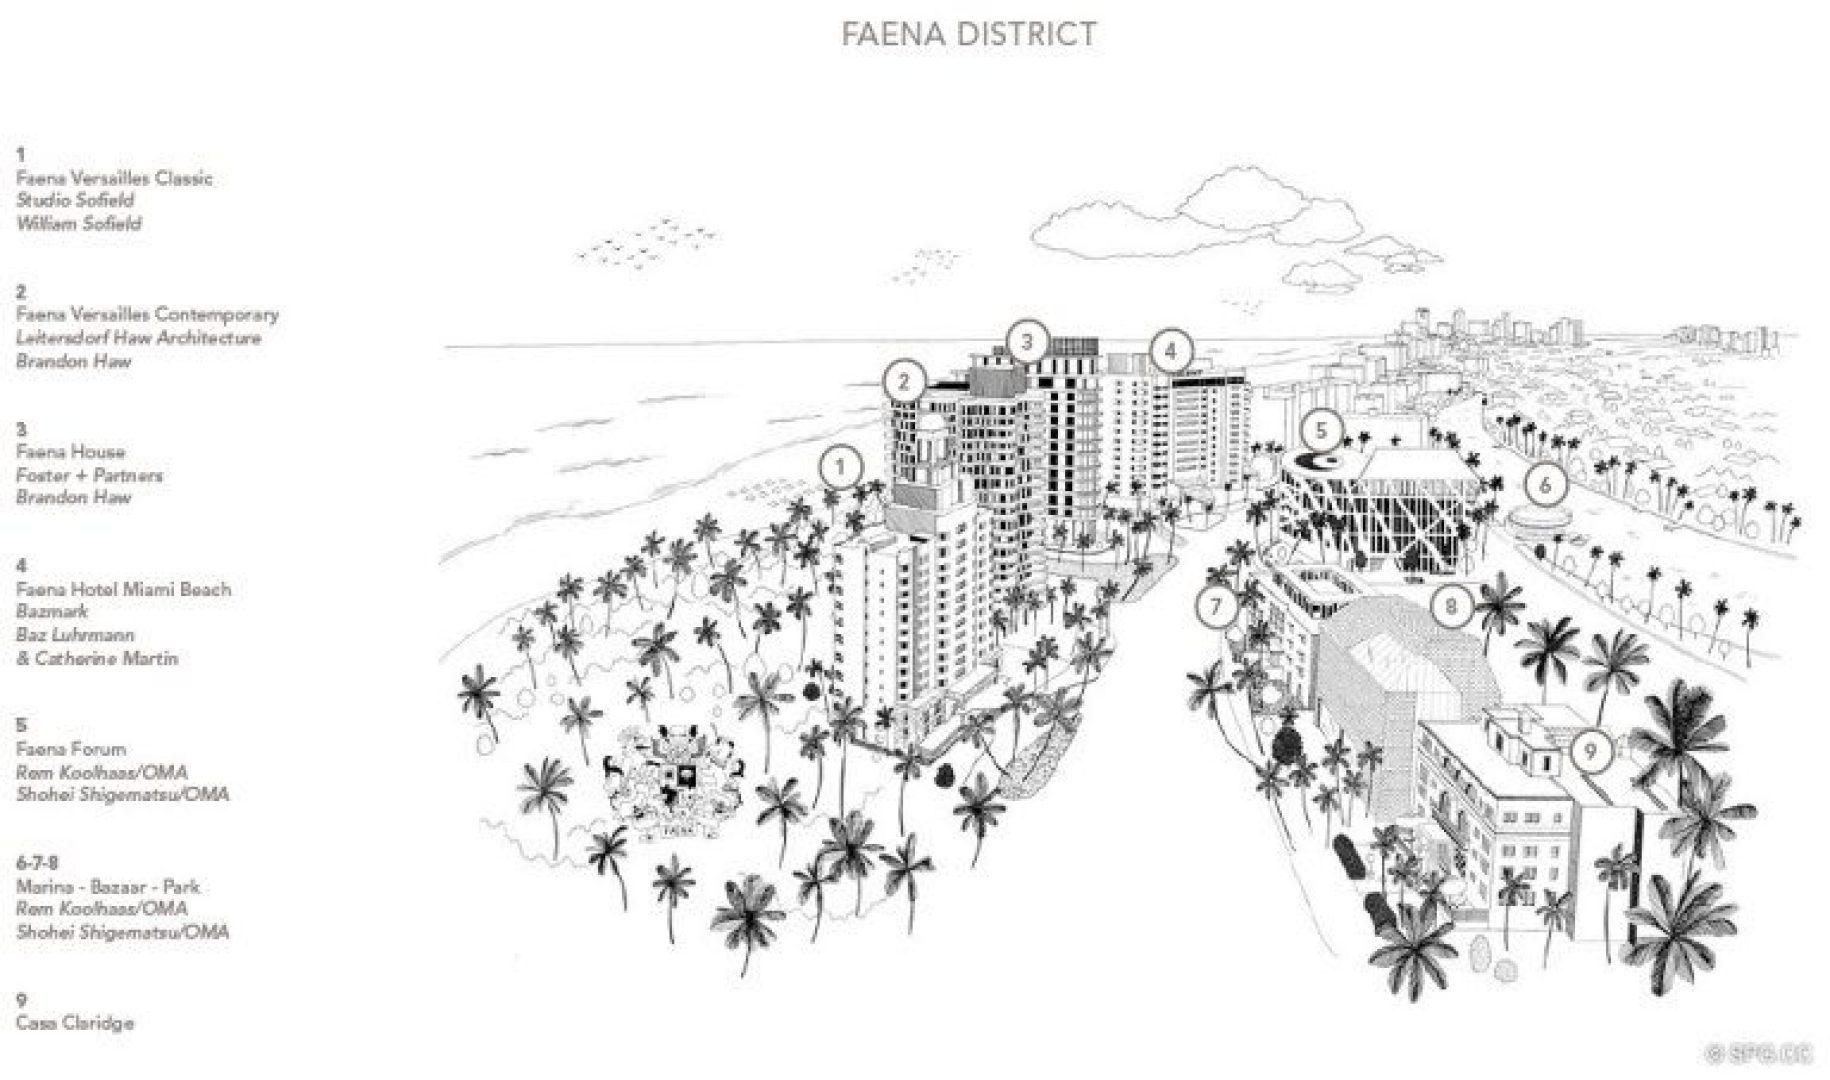 Faena Versailles Classic Luxury Oceanfront Condos In